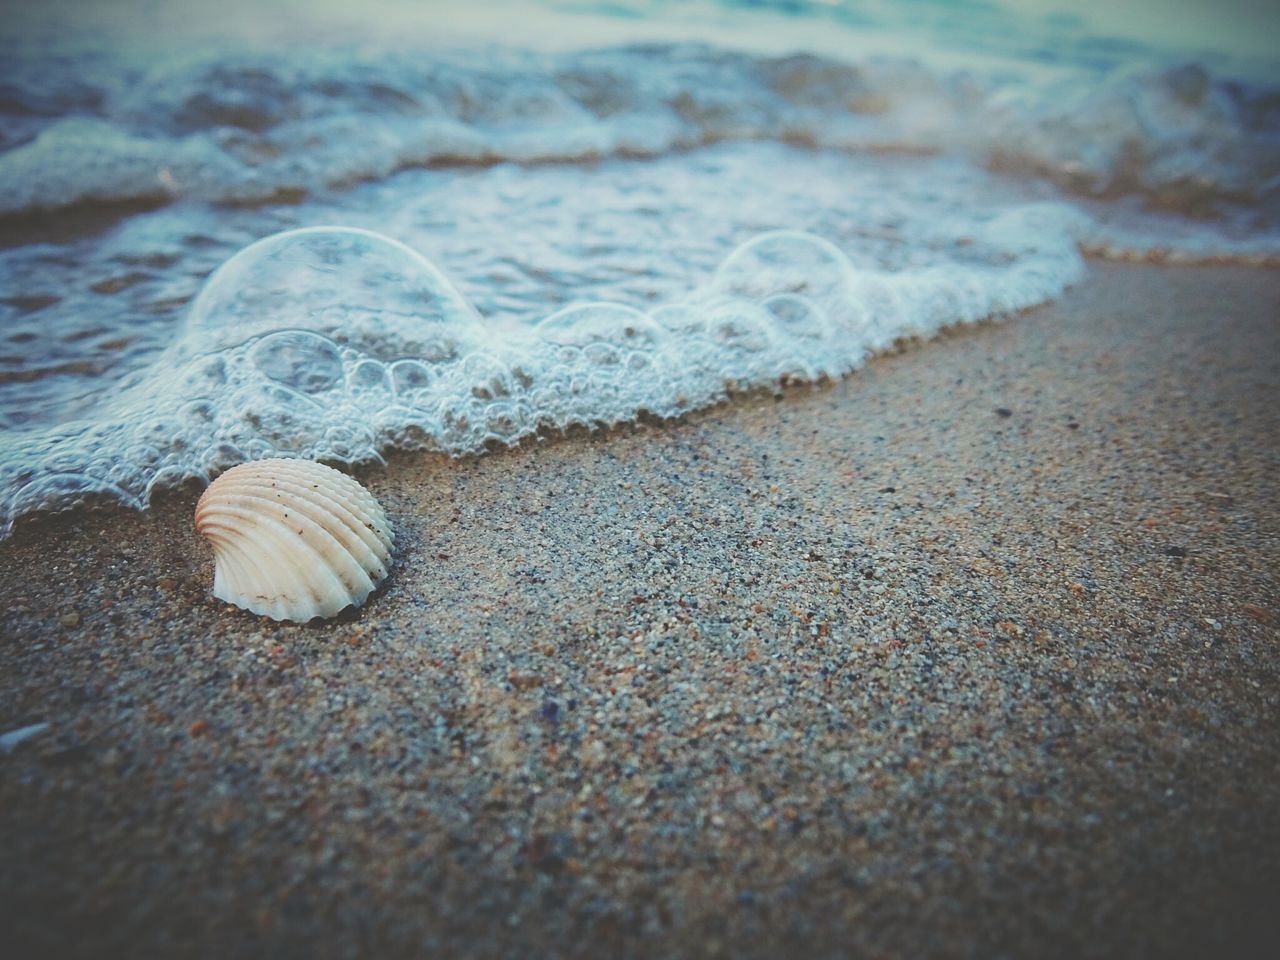 She sells seashell by the seashore Sea Beach Sand Water Nature No People Waves Bubbles Froth Seashell Seashore